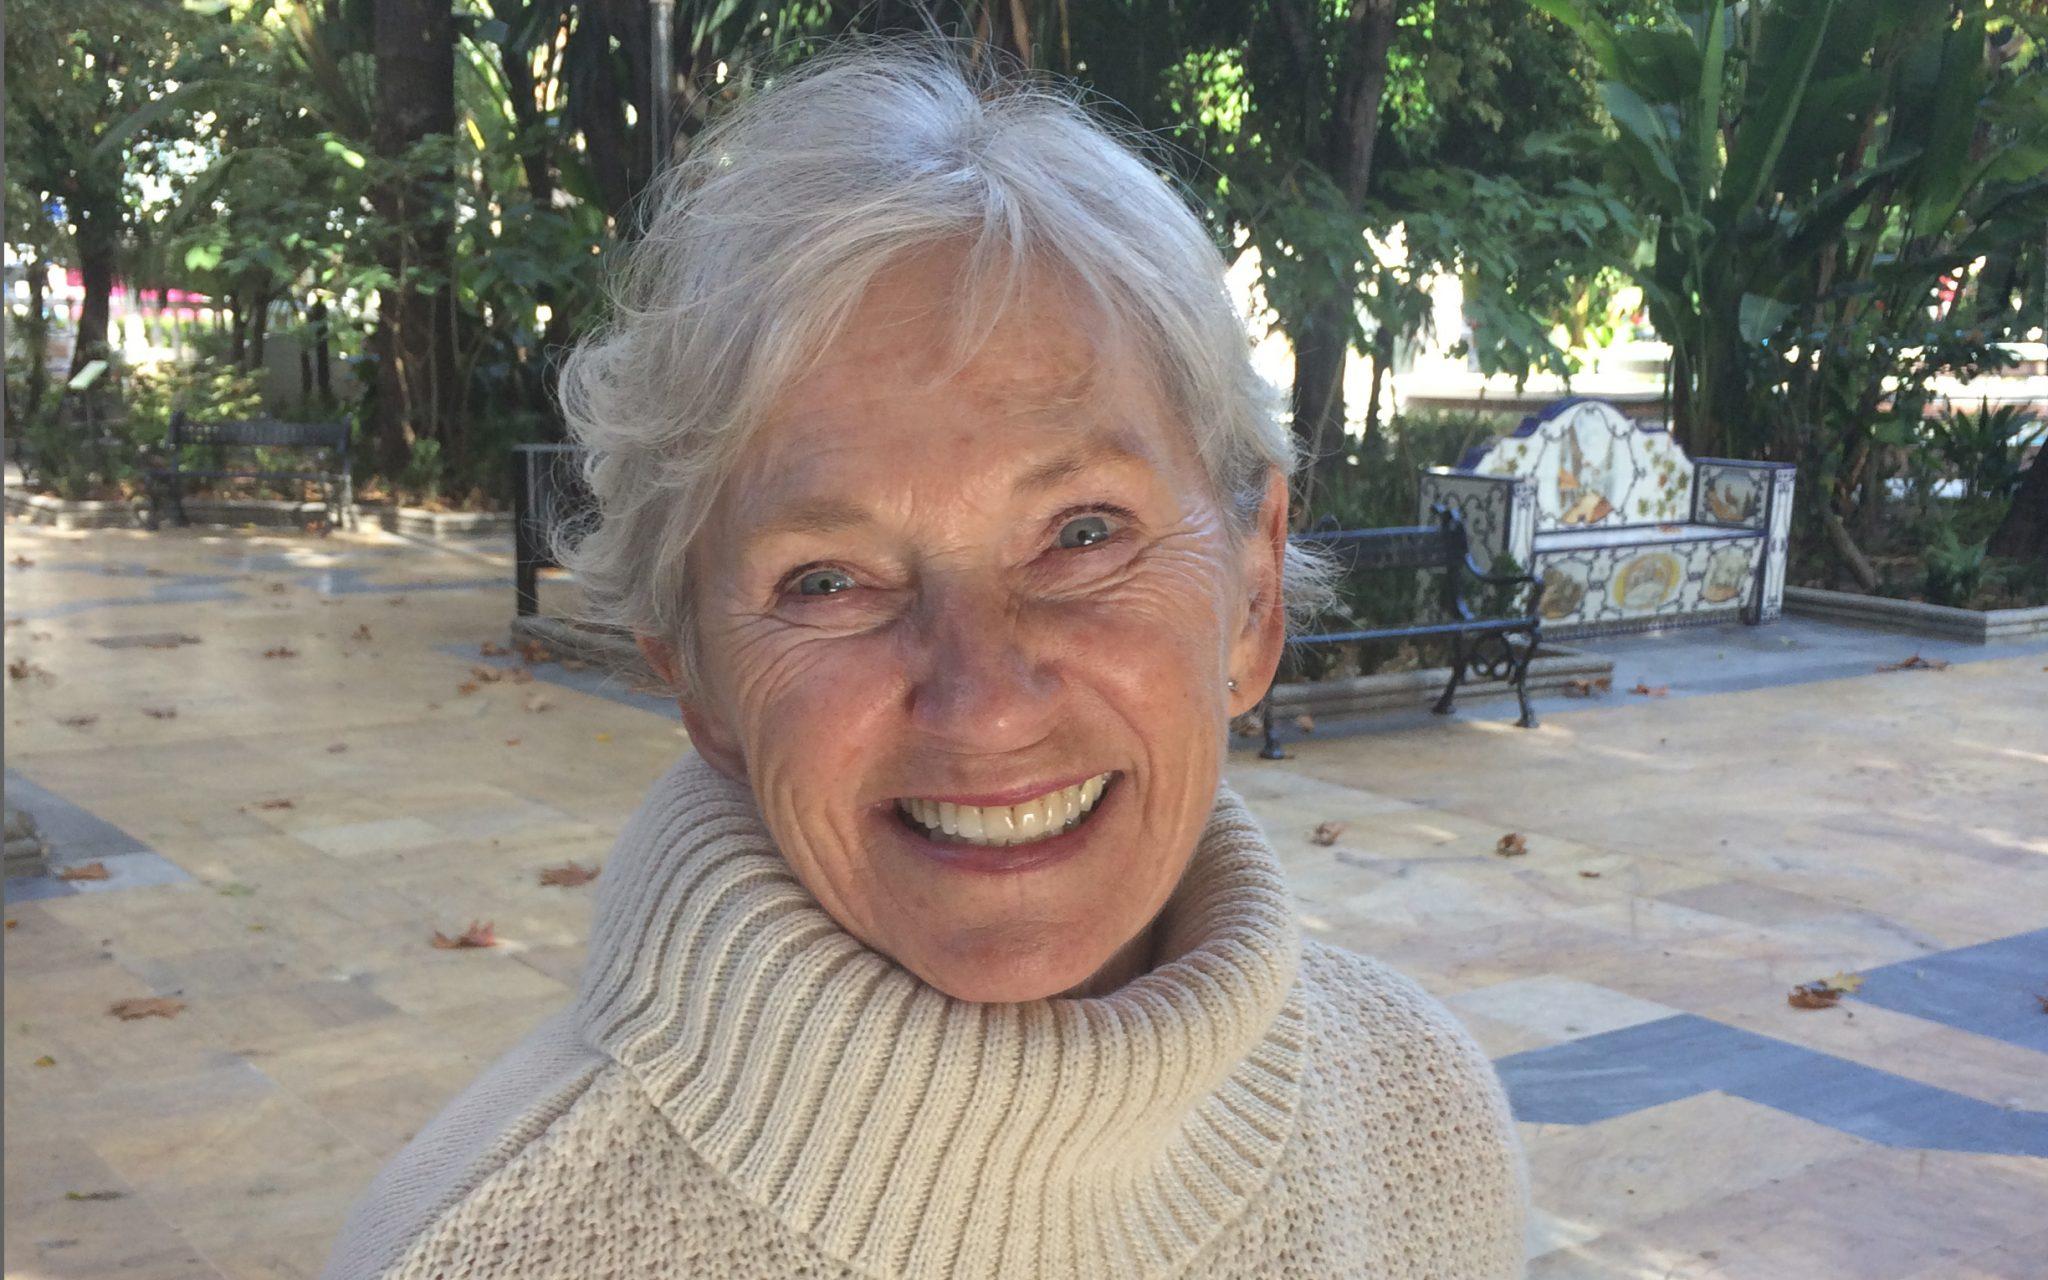 Sanna portrait smiling